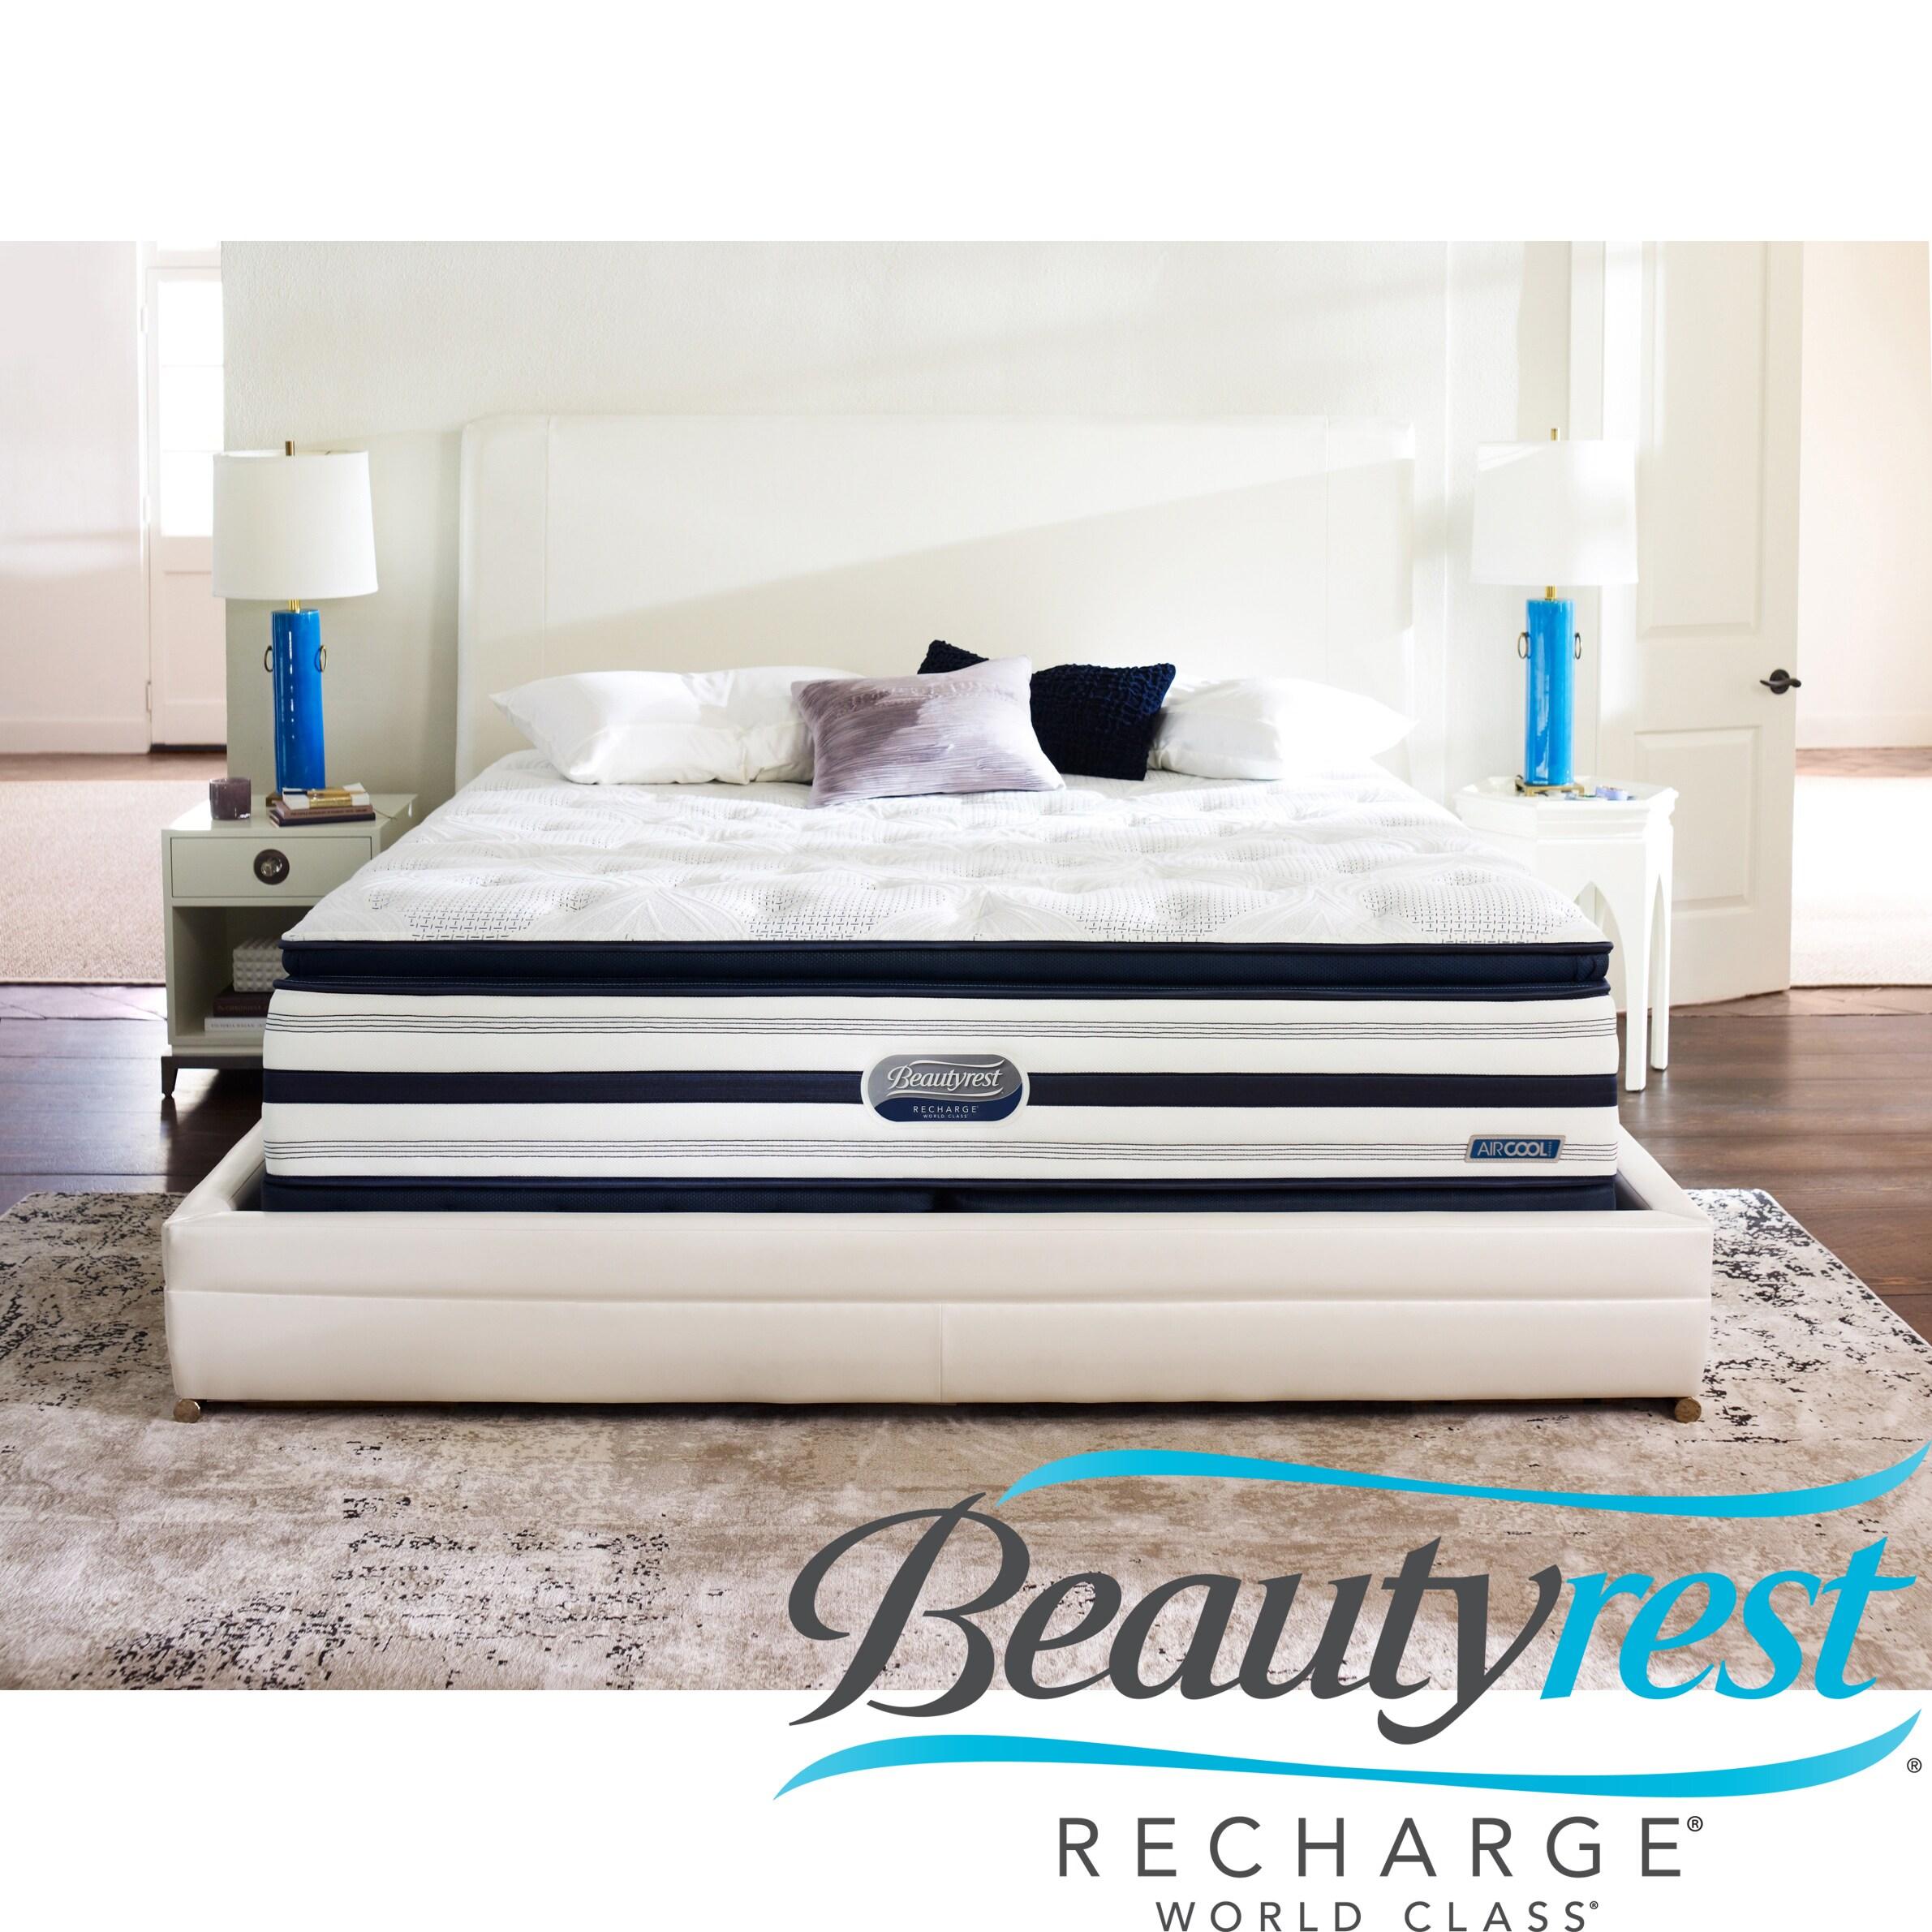 Beautyrest Recharge World Class Rekindle Luxury Firm Super Pillow